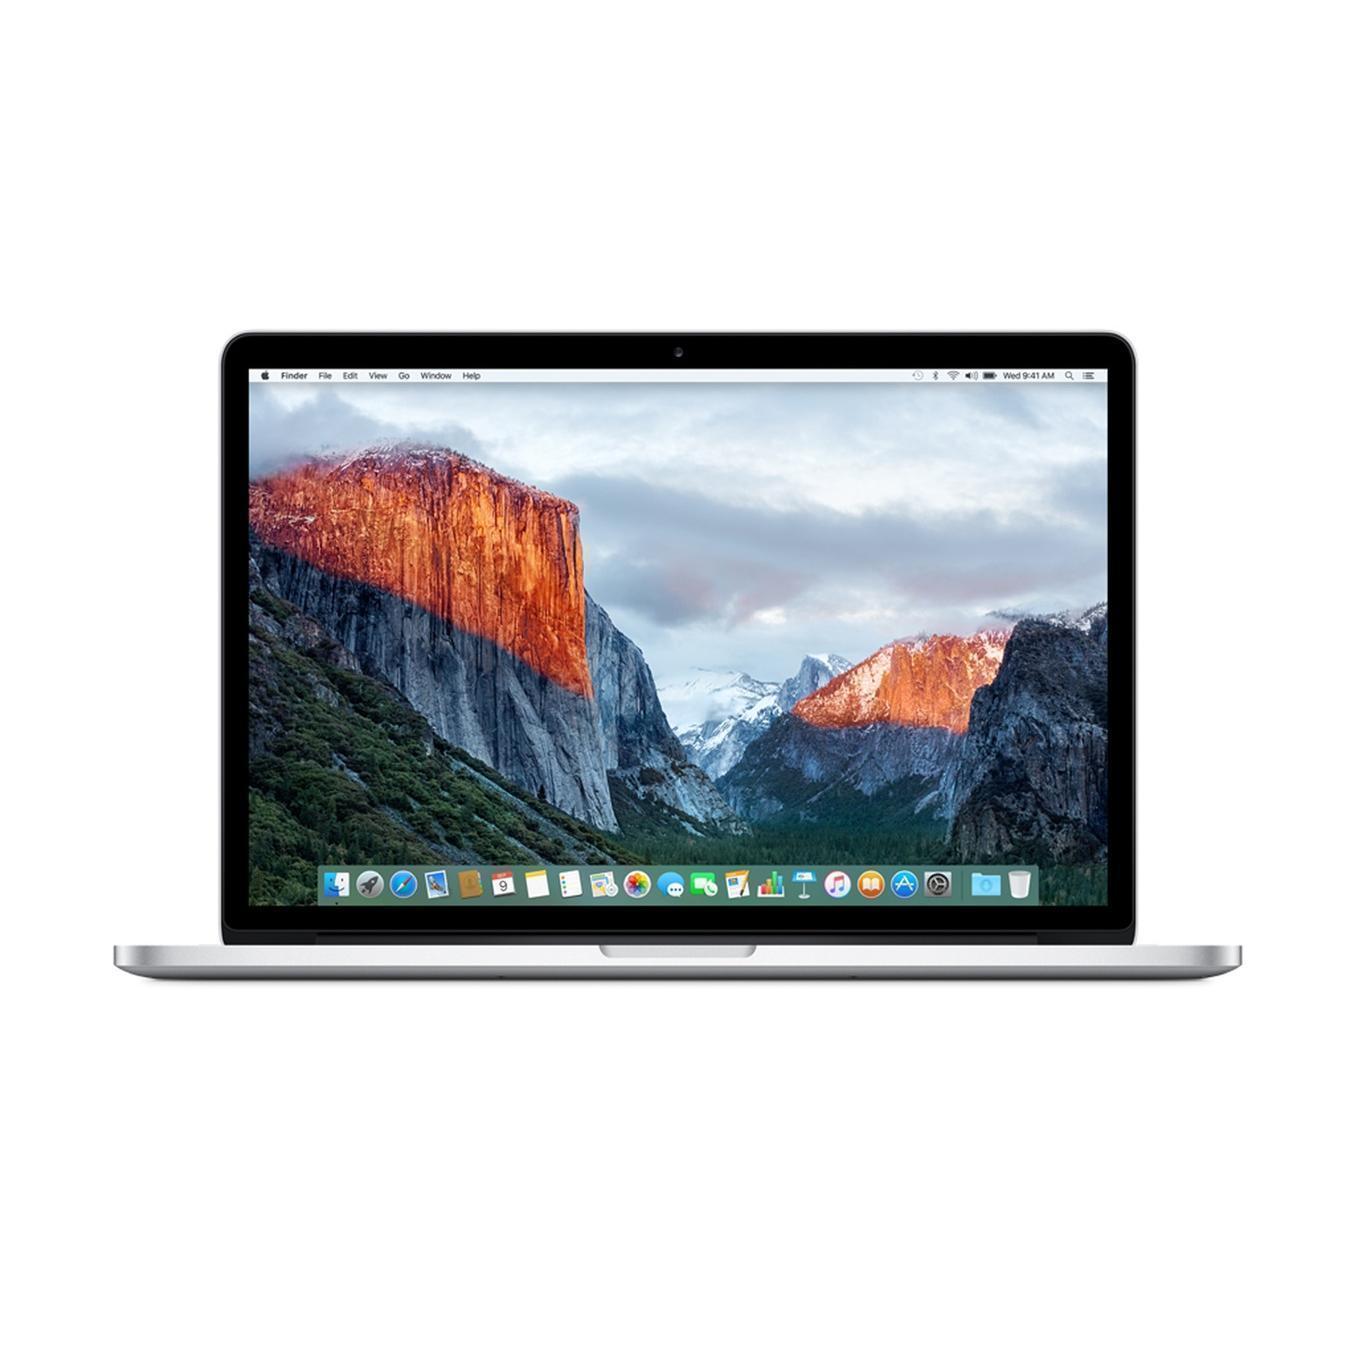 MacBook Pro Retina 15,4-tum (2015) - Core i7 - 16GB - SSD 256 GB QWERTY - Engelska (Storbritannien)